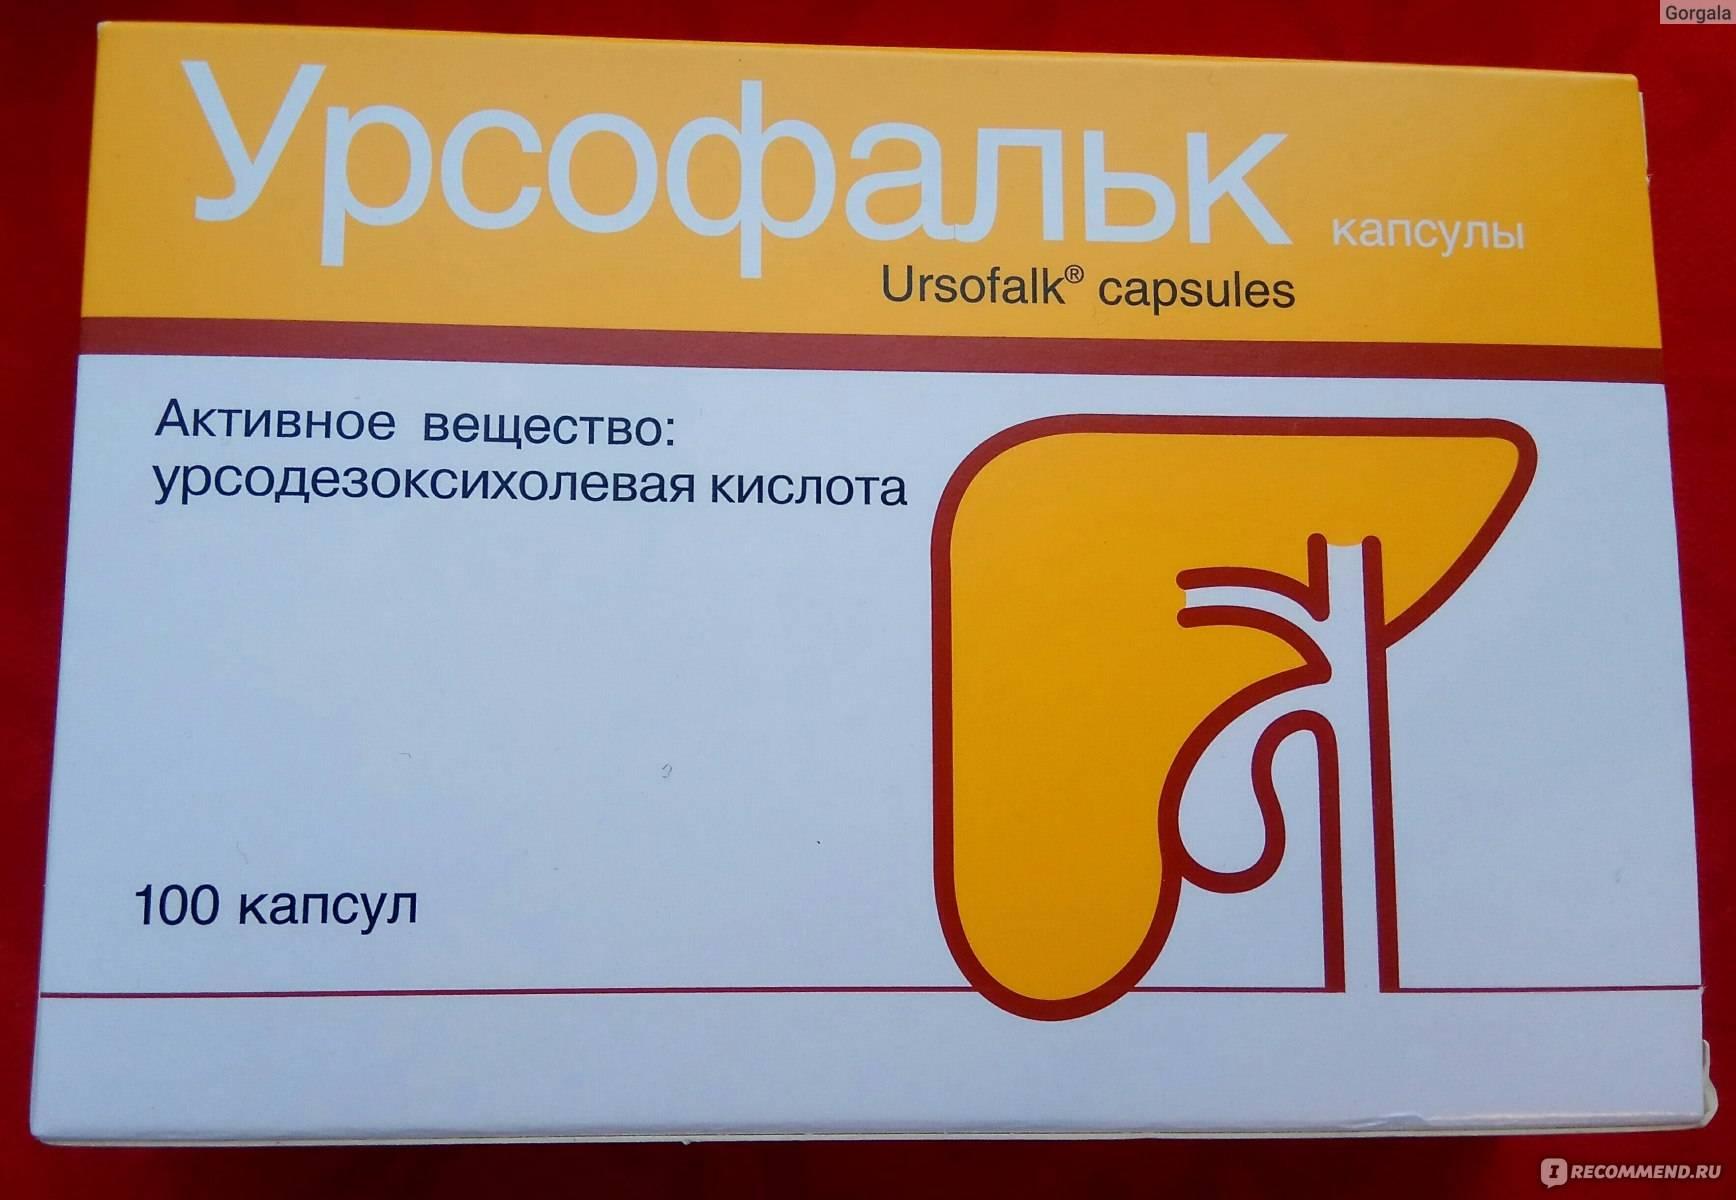 Инструкция по применению урсофалька от паразитарного заражения